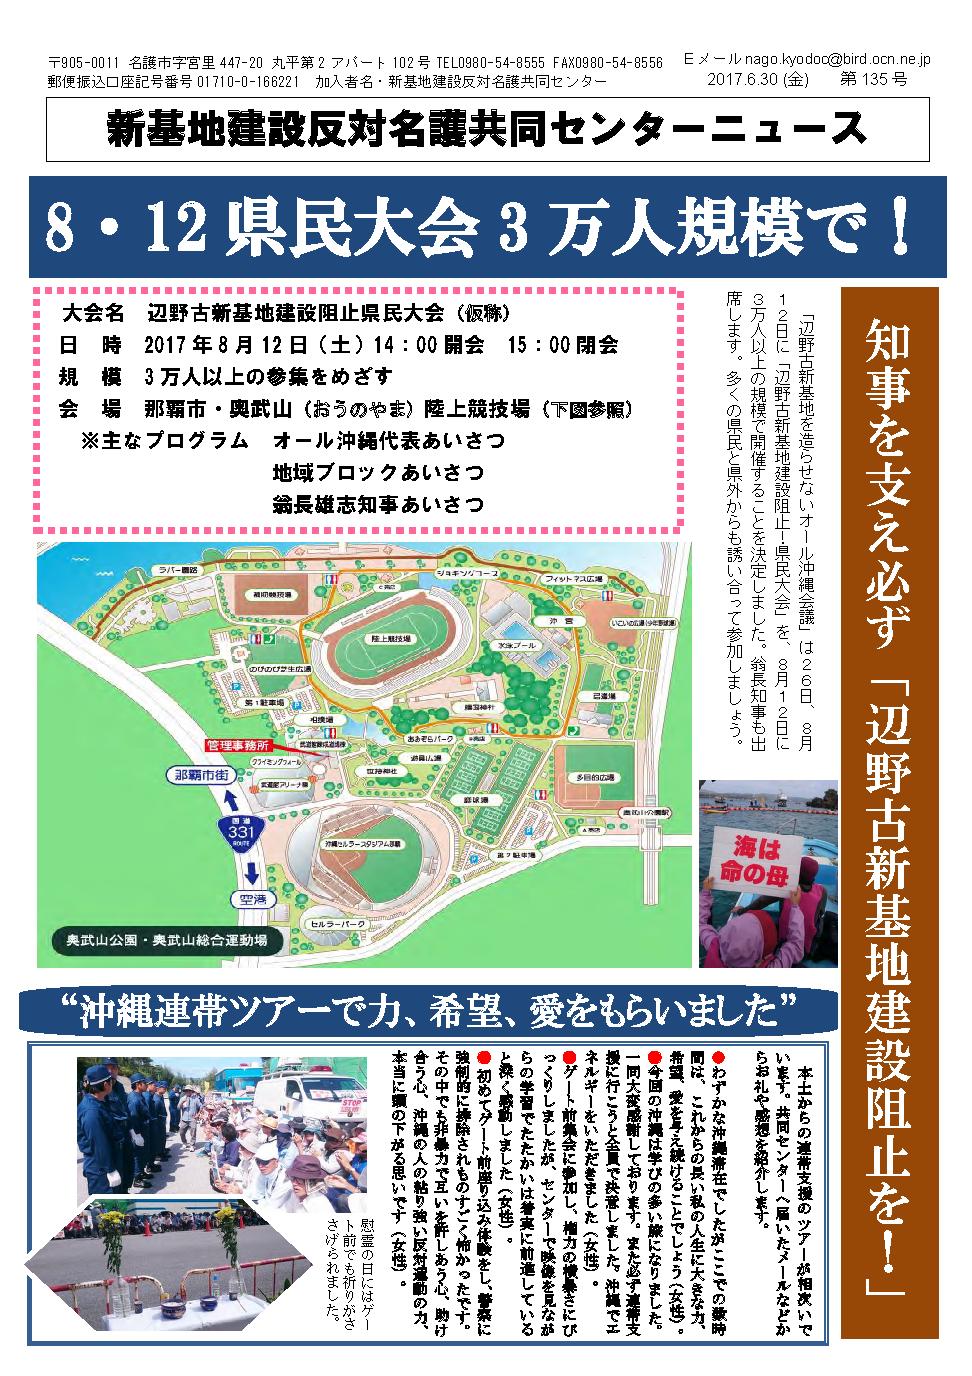 8・12 「辺野古新基地建設阻止!県民大会」新基地建設反対名護共同センターニュース